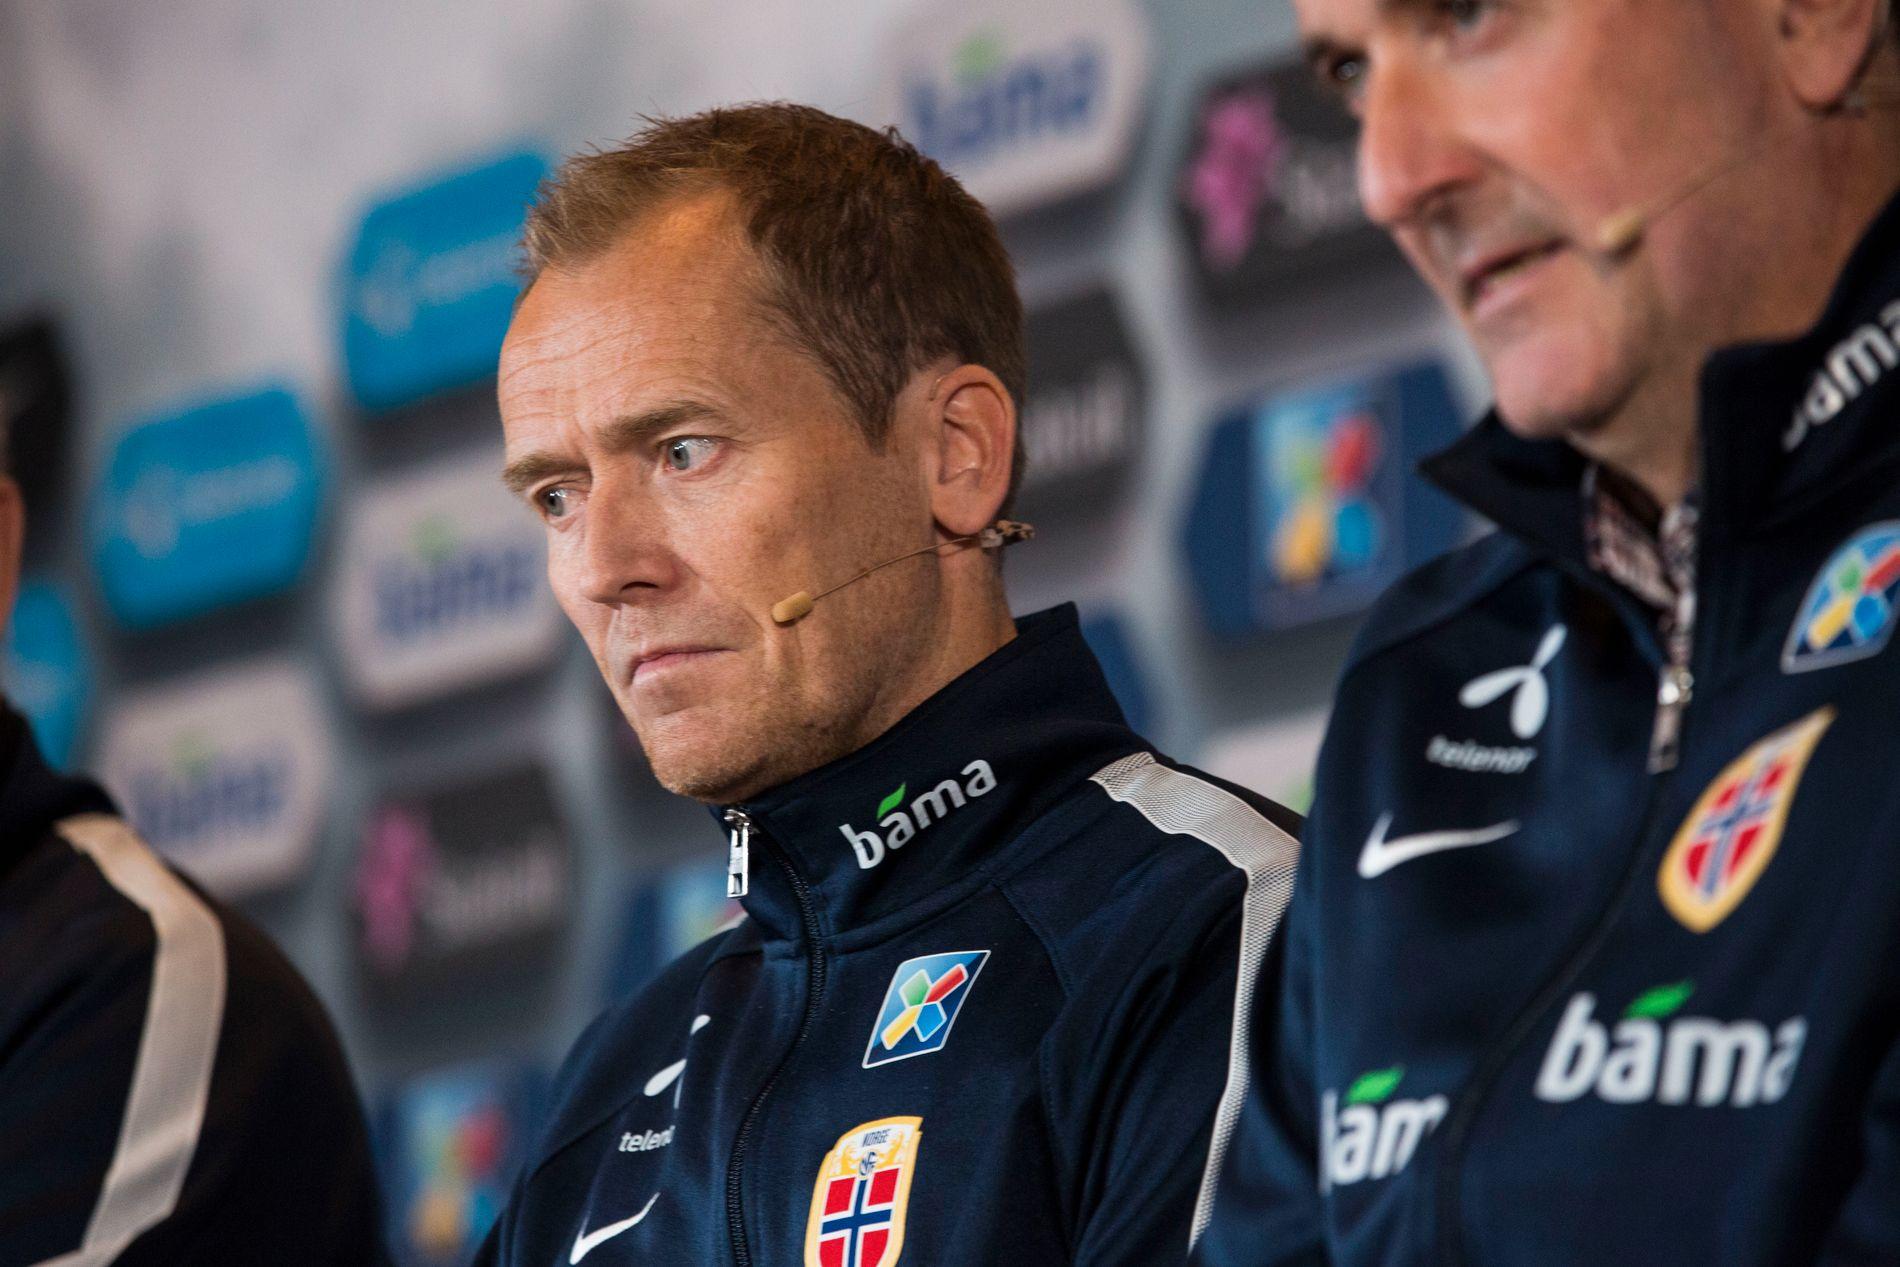 Forliksrådet har avvist Svein-Erik Edvartsens injuriesøksmål mot Svein Graff, direktør for kommunikasjon og samfunn i NFF. Foto: Mariam Butt / NTB scanpix